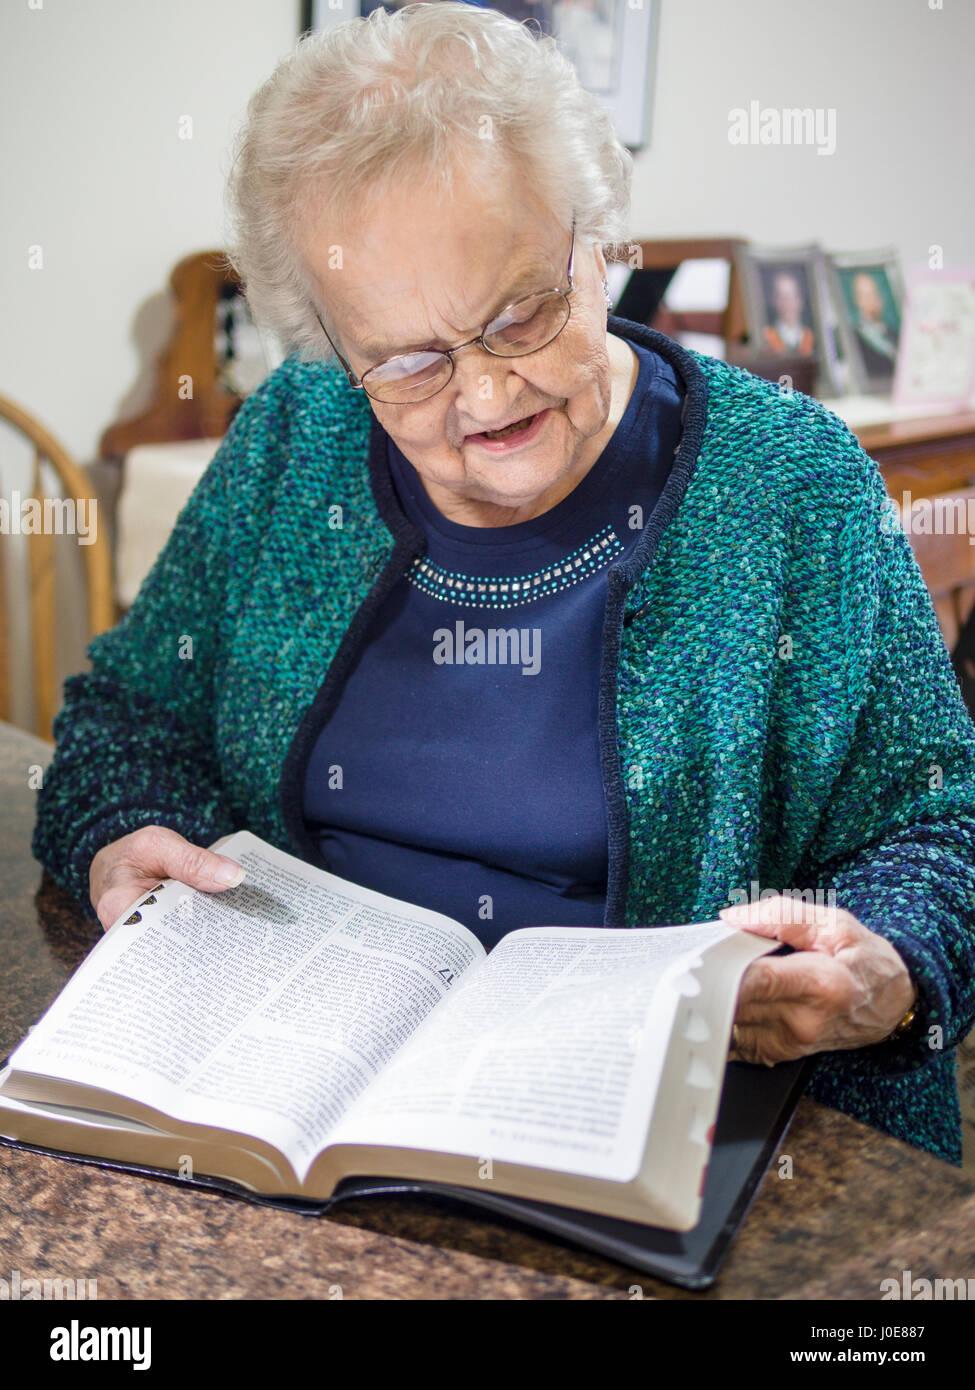 Eine Frau, eine Bibel zu lesen. Eine ältere Senioren liest und blättert in einer großen gedruckten Stockbild